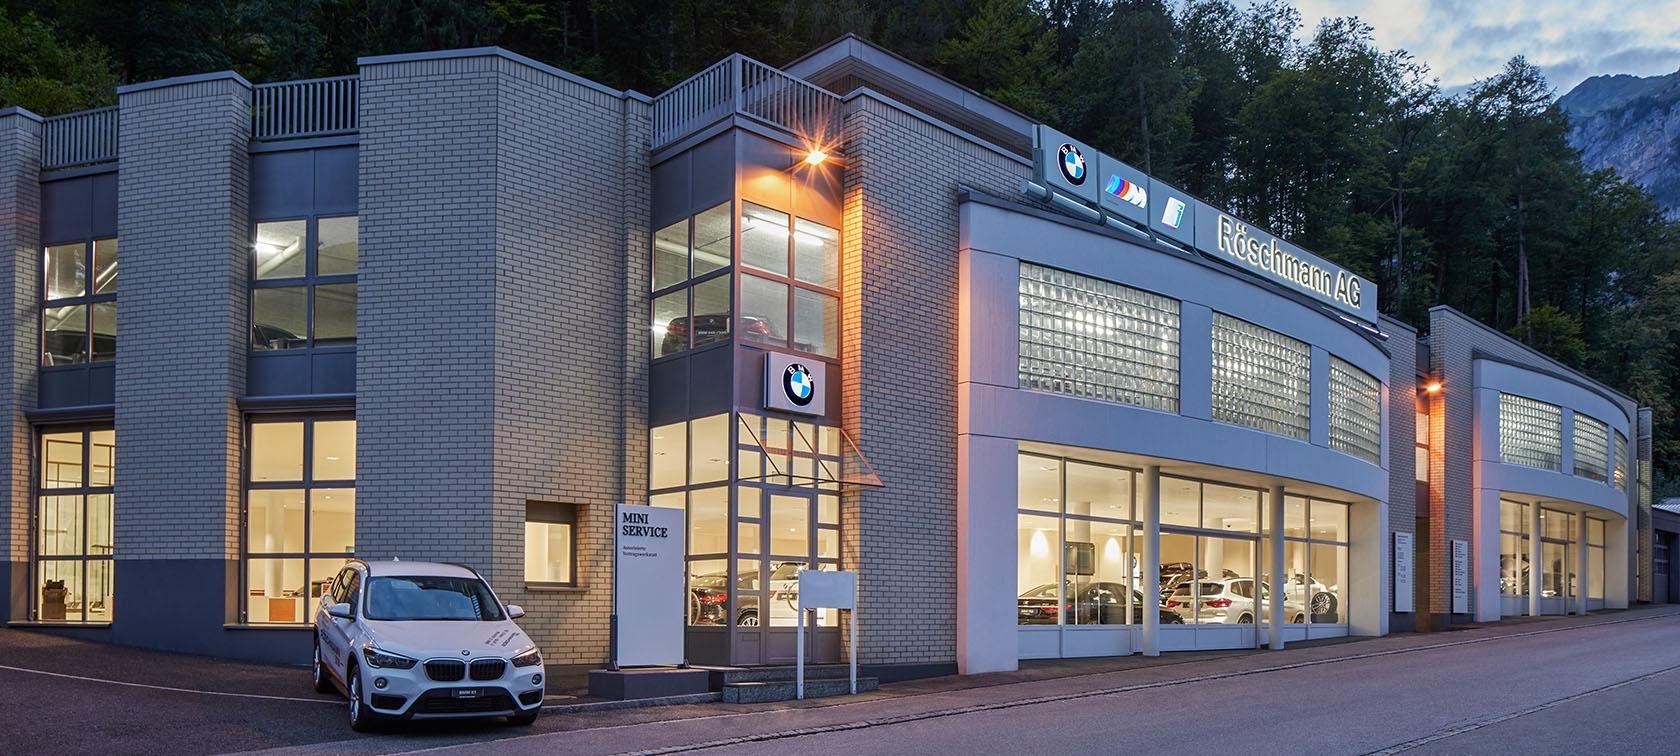 Home Garage Röschmann Ag Glarus